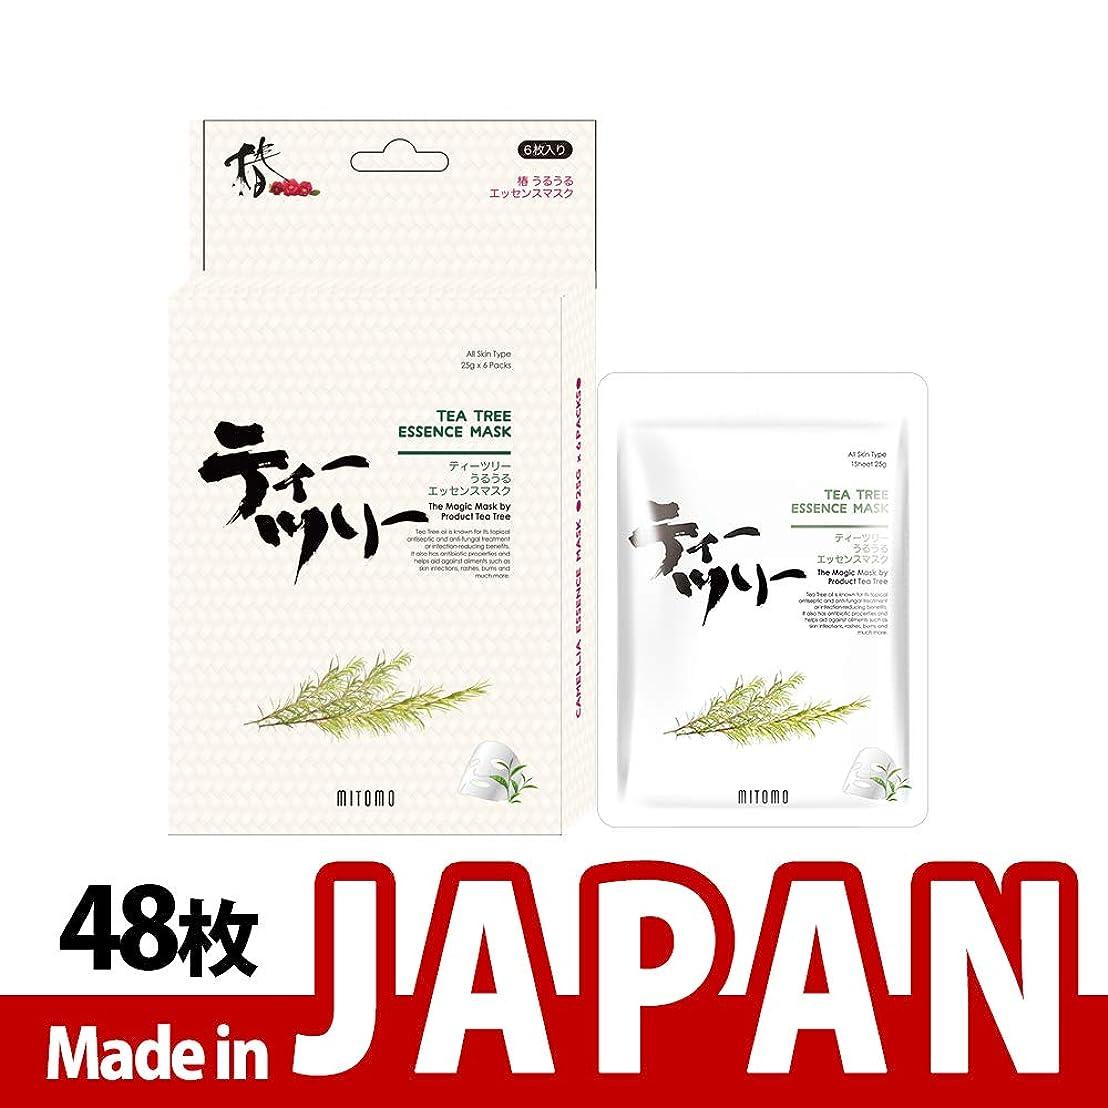 洞窟独裁セミナーMITOMO【JP512-D-1】日本製シートマスク/6枚入り/48枚/美容液/マスクパック/送料無料